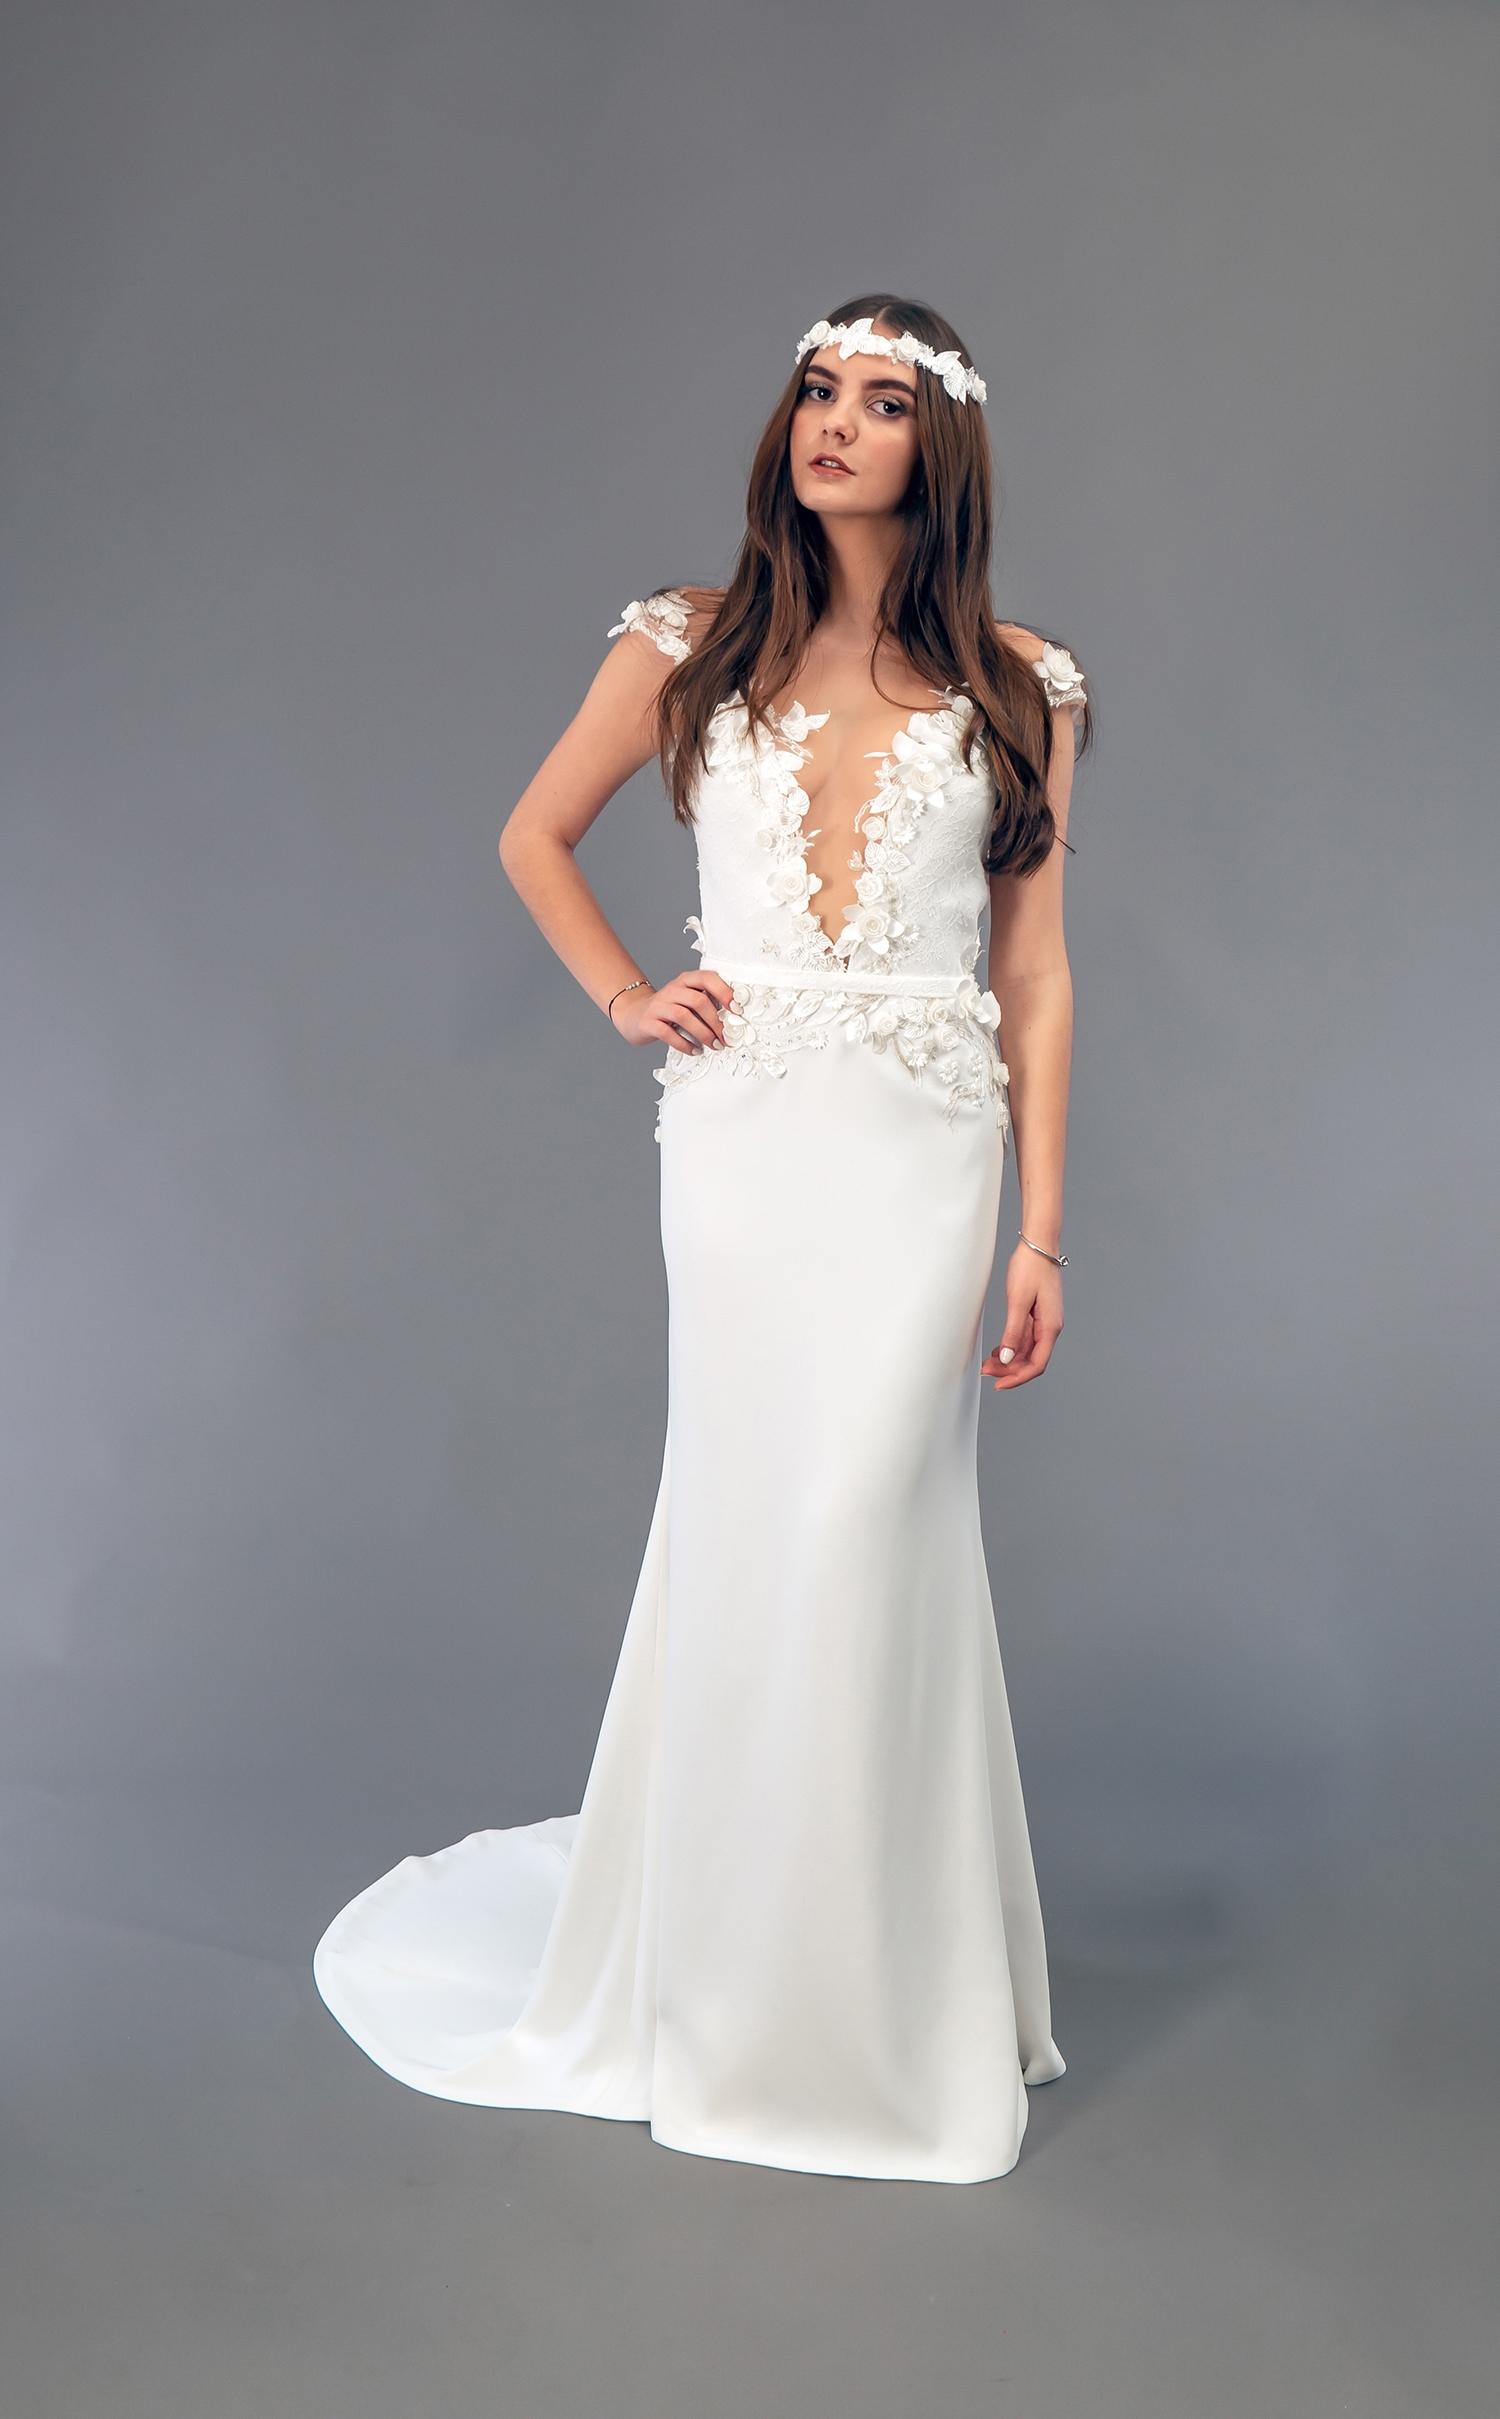 Robe de mariée à Marseille par Belle en soie Couture   robe Pivoine